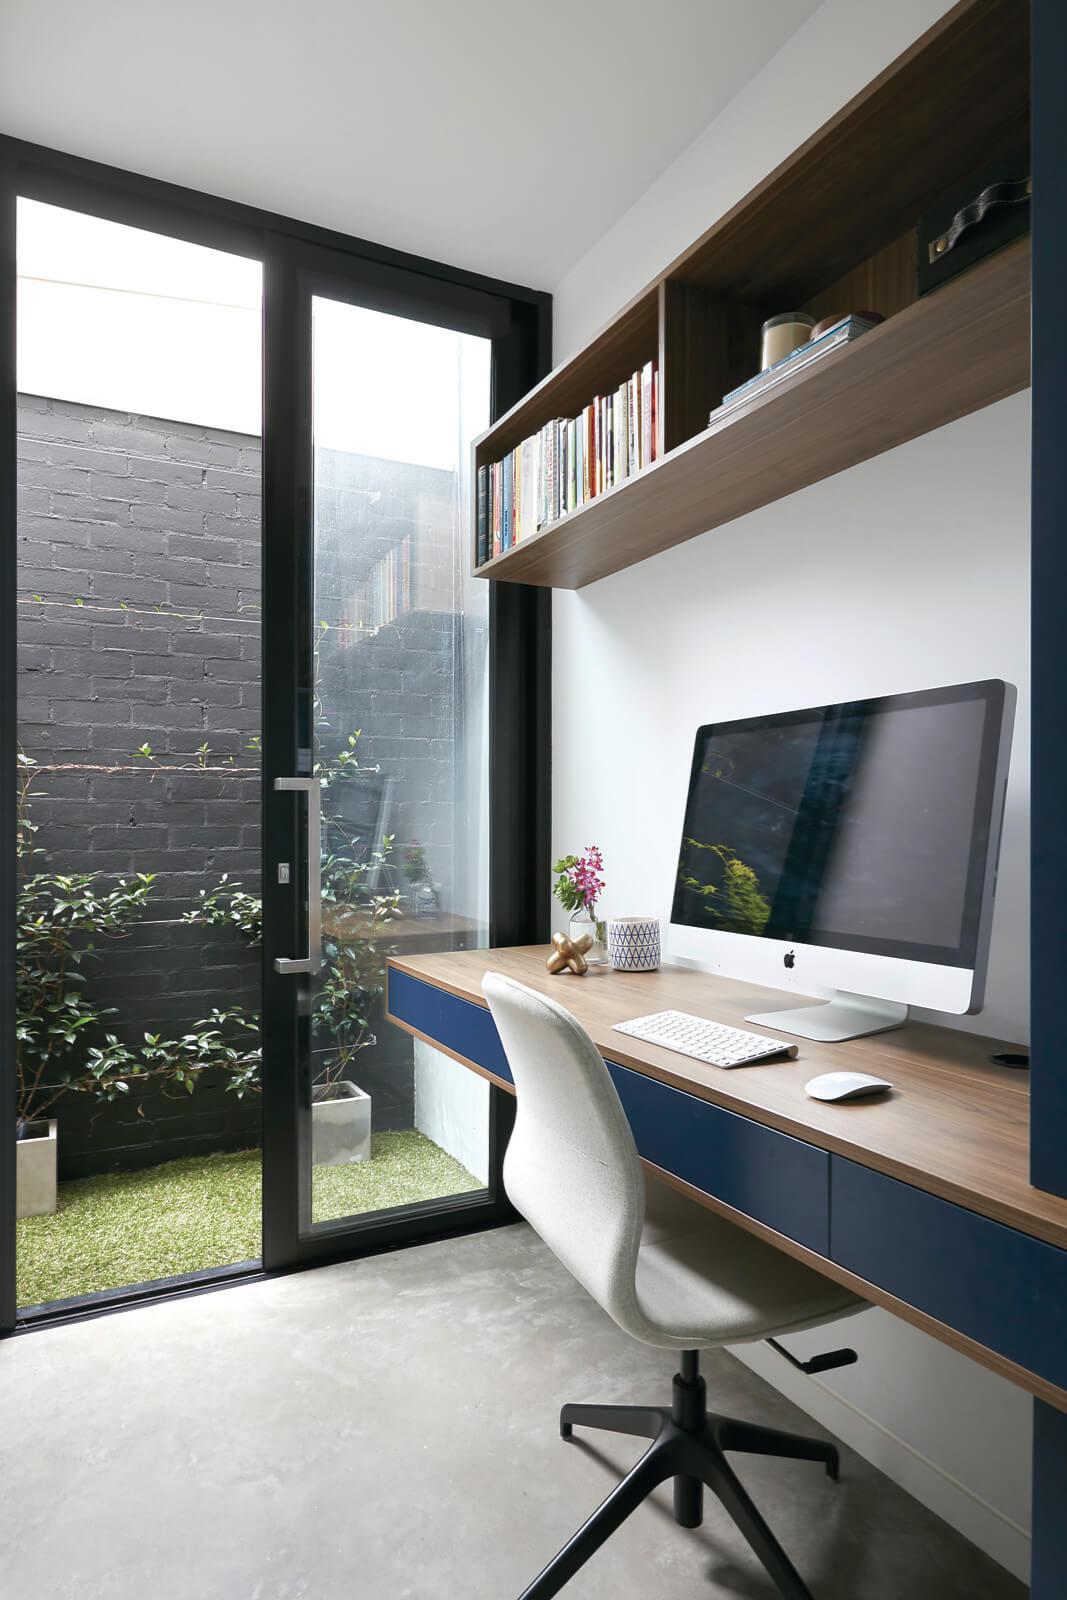 12 เทคนิคตกแต่งออฟฟิศเล็กให้ดูใหญ่ ถูกใจ SME และ home office 37 - Co-Working Space